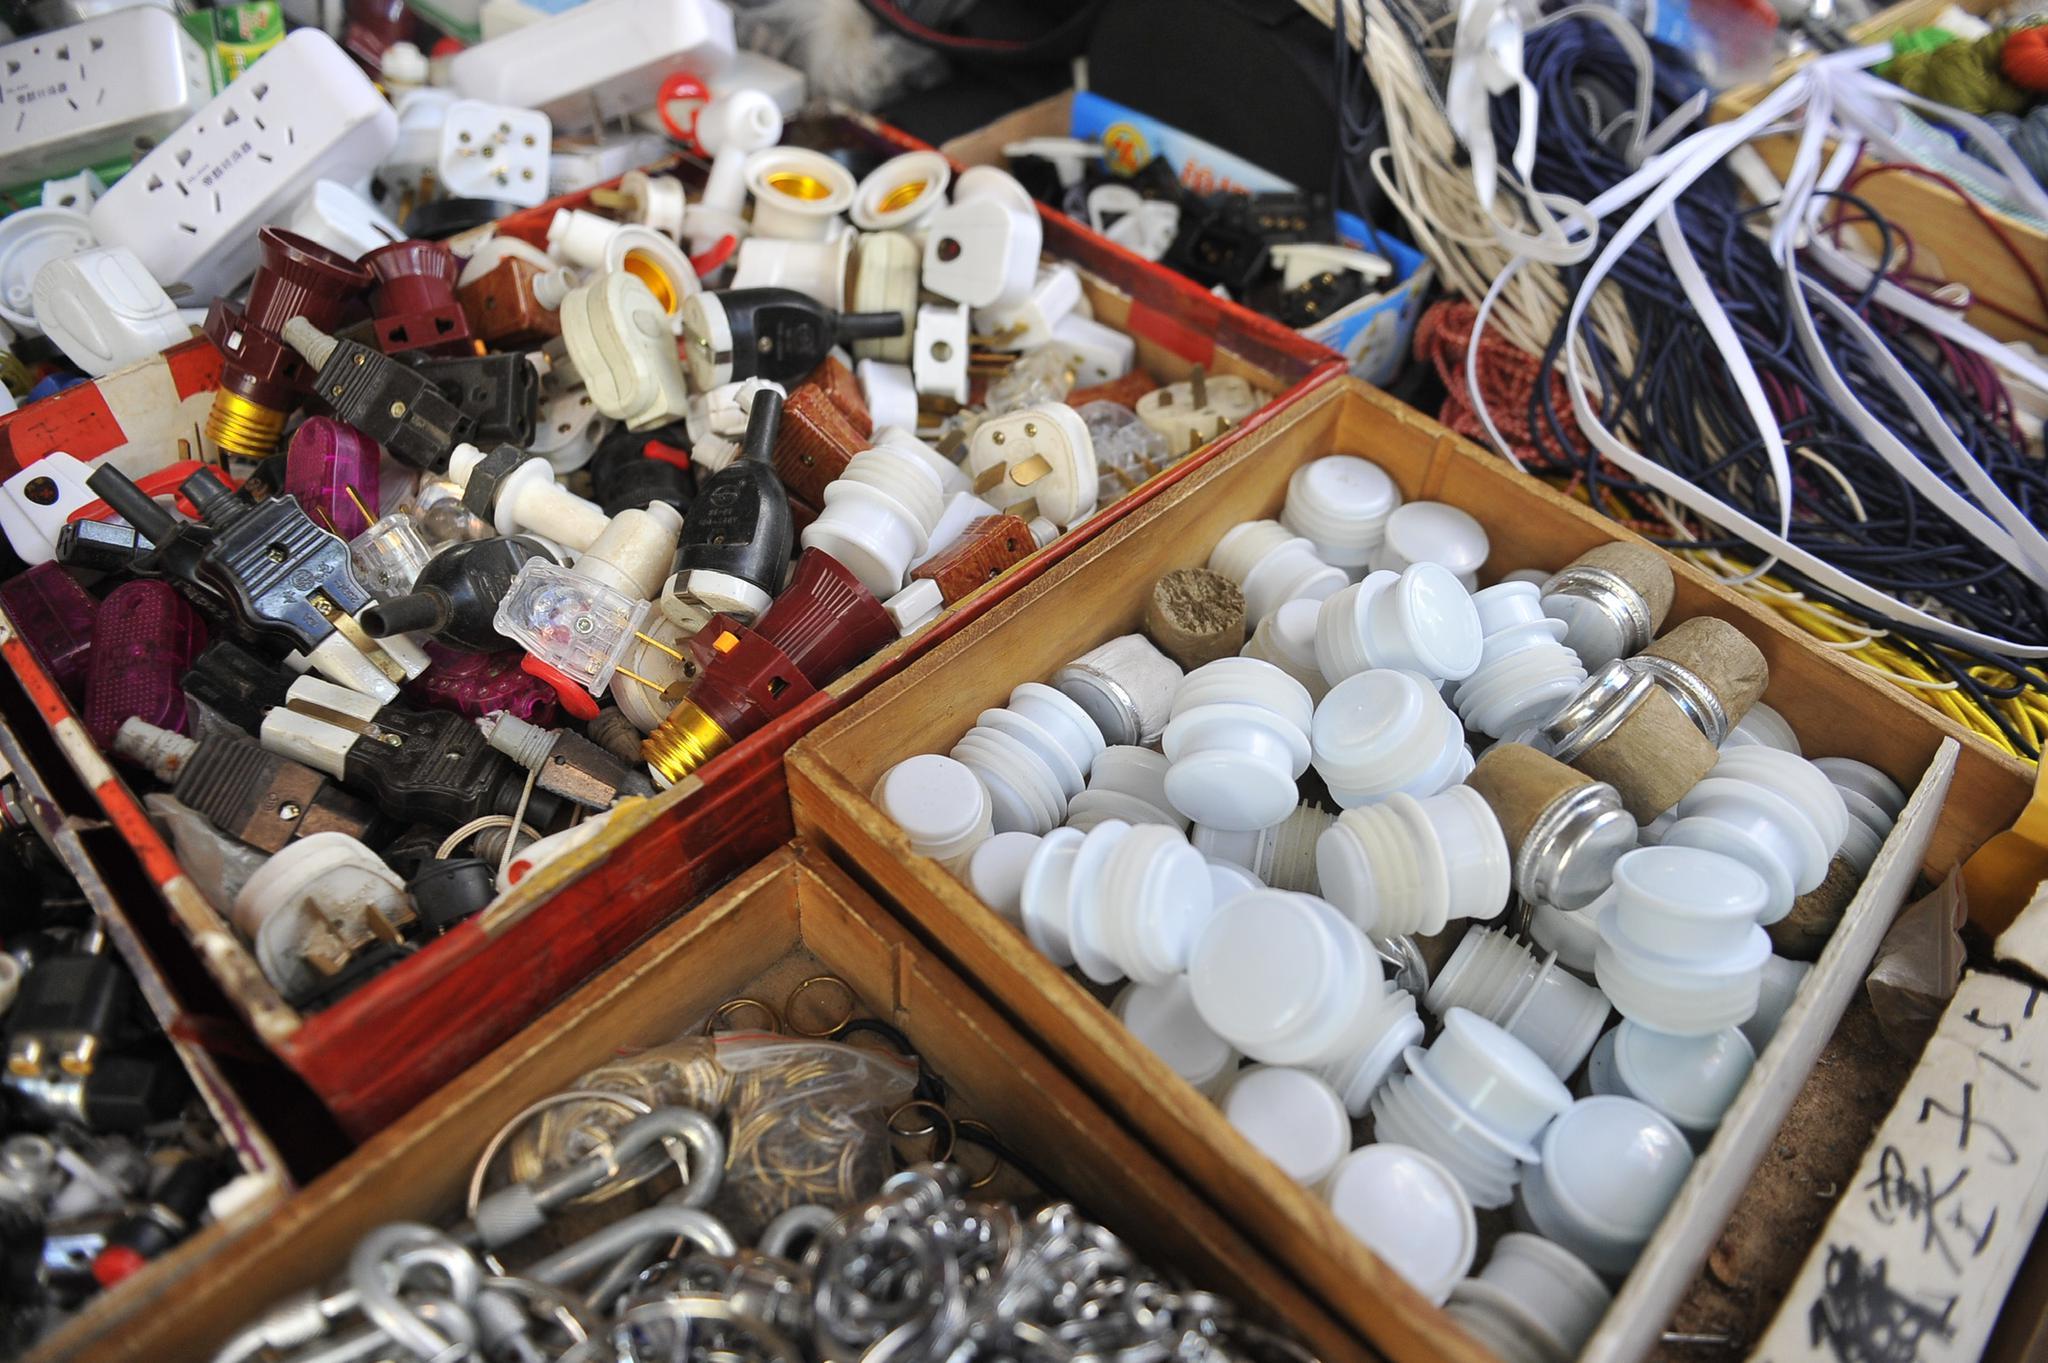 大眼针瓶塞箱包扣,这些小物件你一定很多都没见过